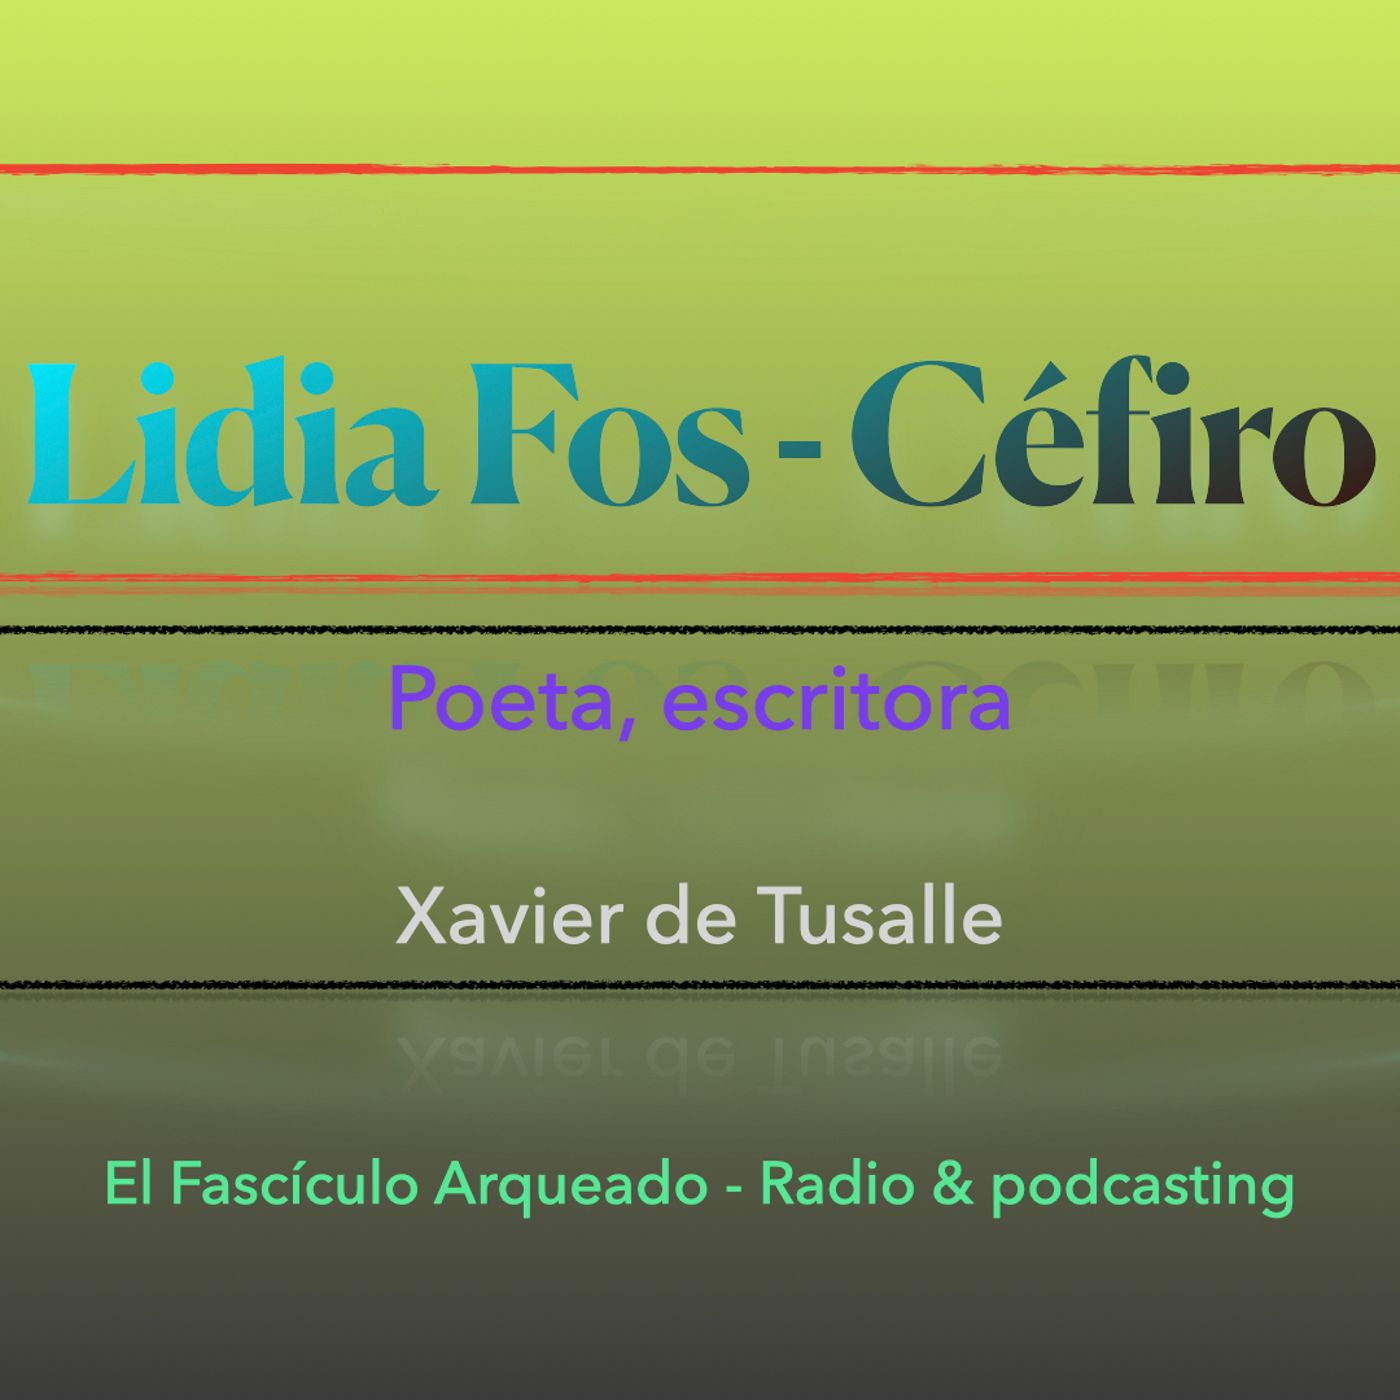 """Entrevista a Lidia Fos autora del poemario """"Céfiro"""""""